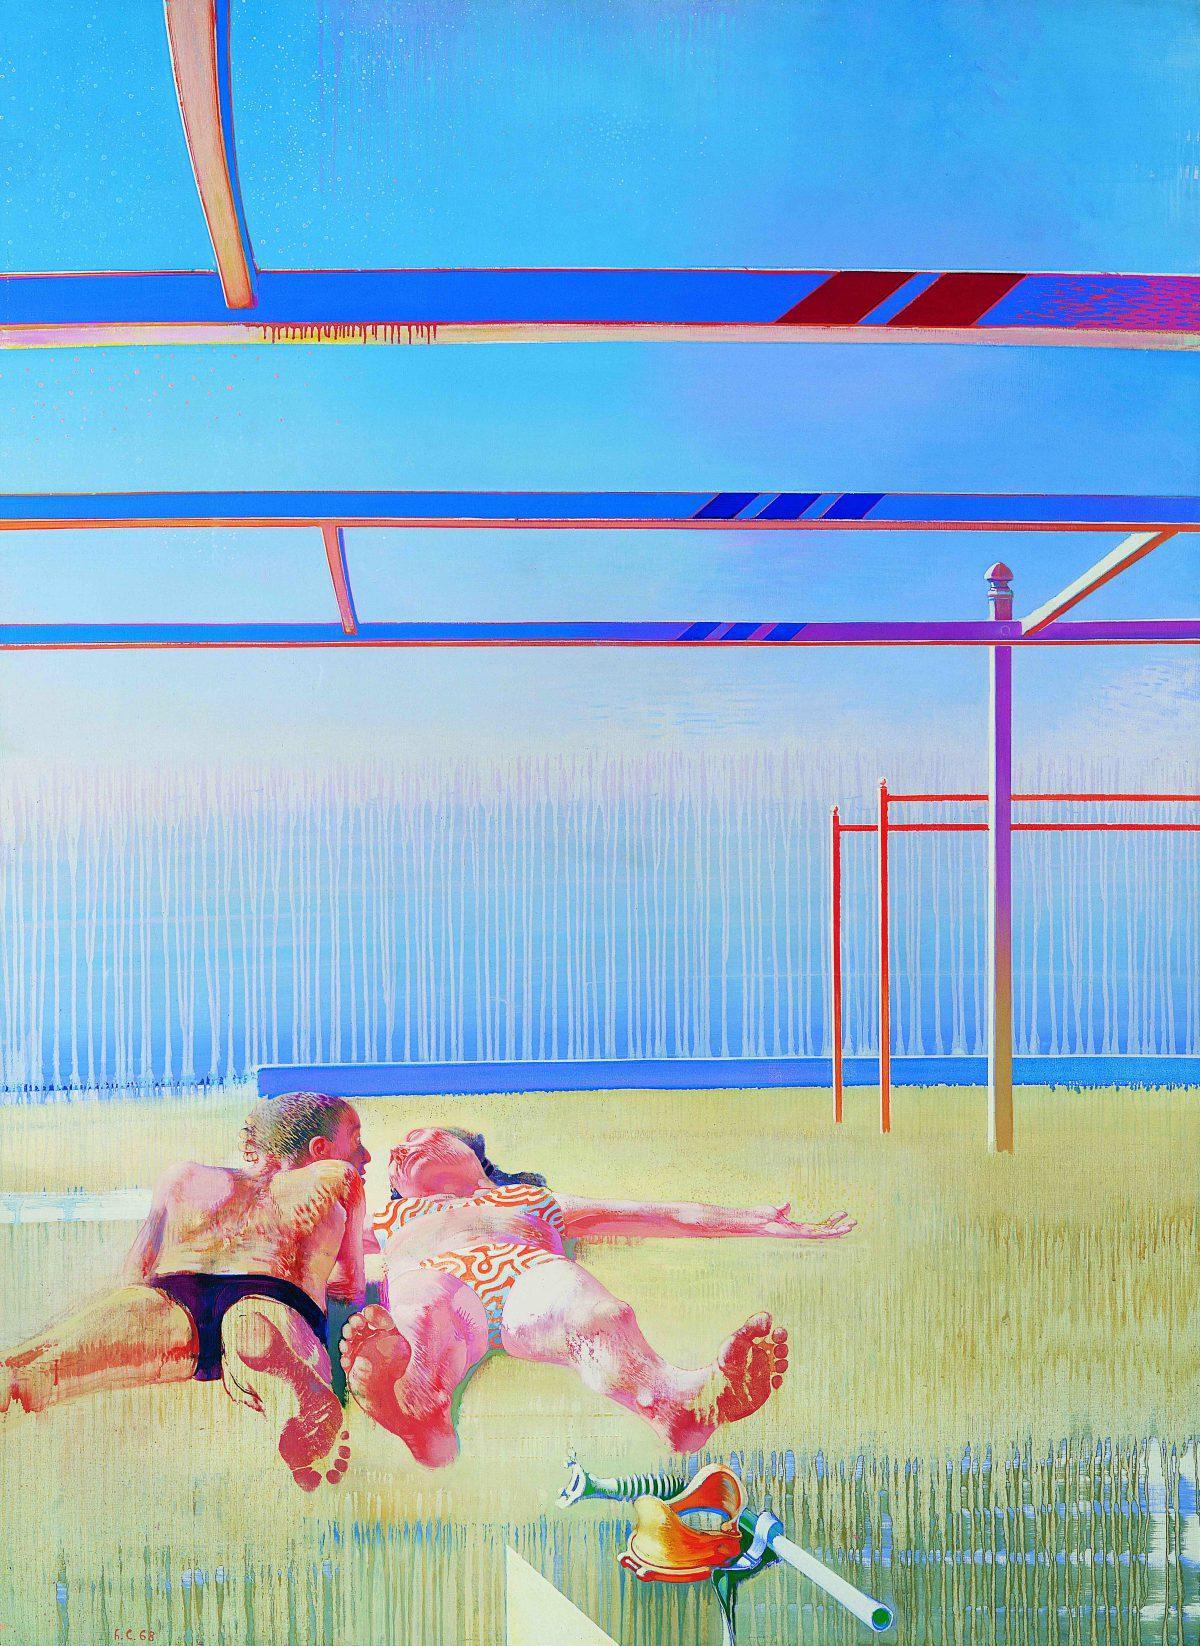 Les plafonds de la plage, 1968, huile sur toile, 201 x 147 cm.